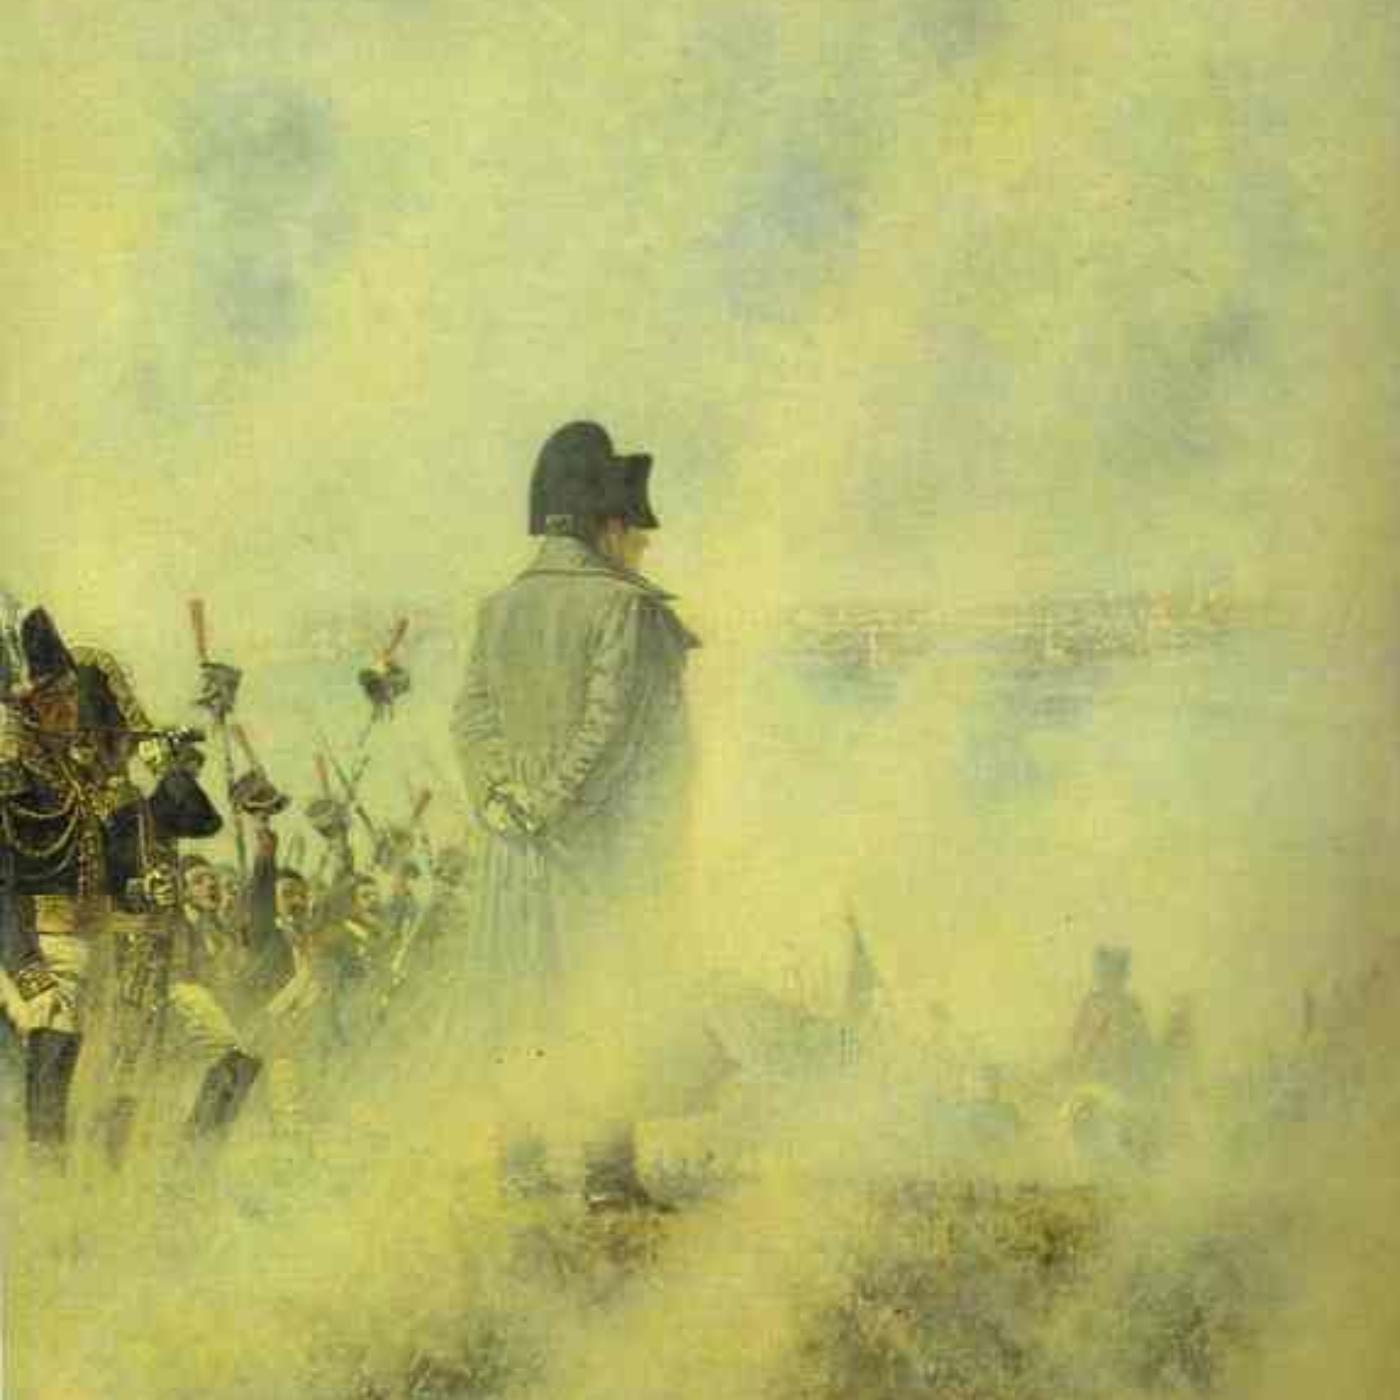 ep3 -緬甸事態-內戰前夕、清緬戰爭小故事